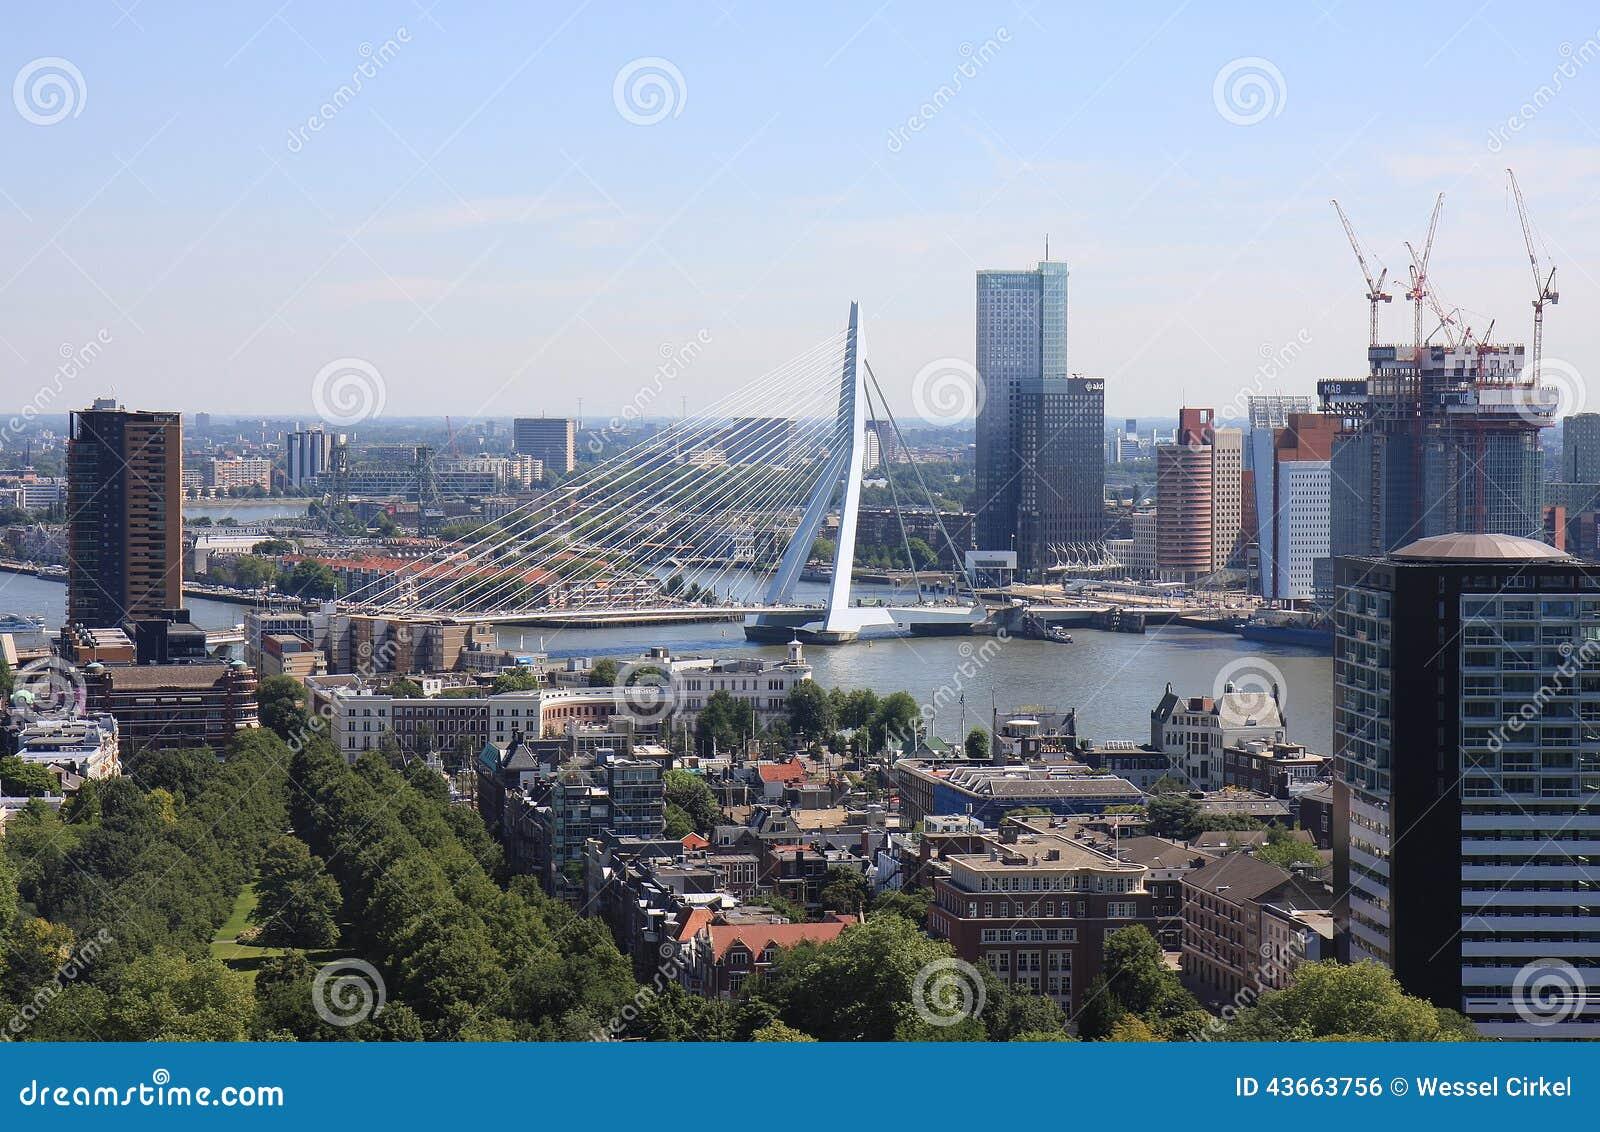 Cityview de Rotterdam e de Erasmusbrug, Holanda